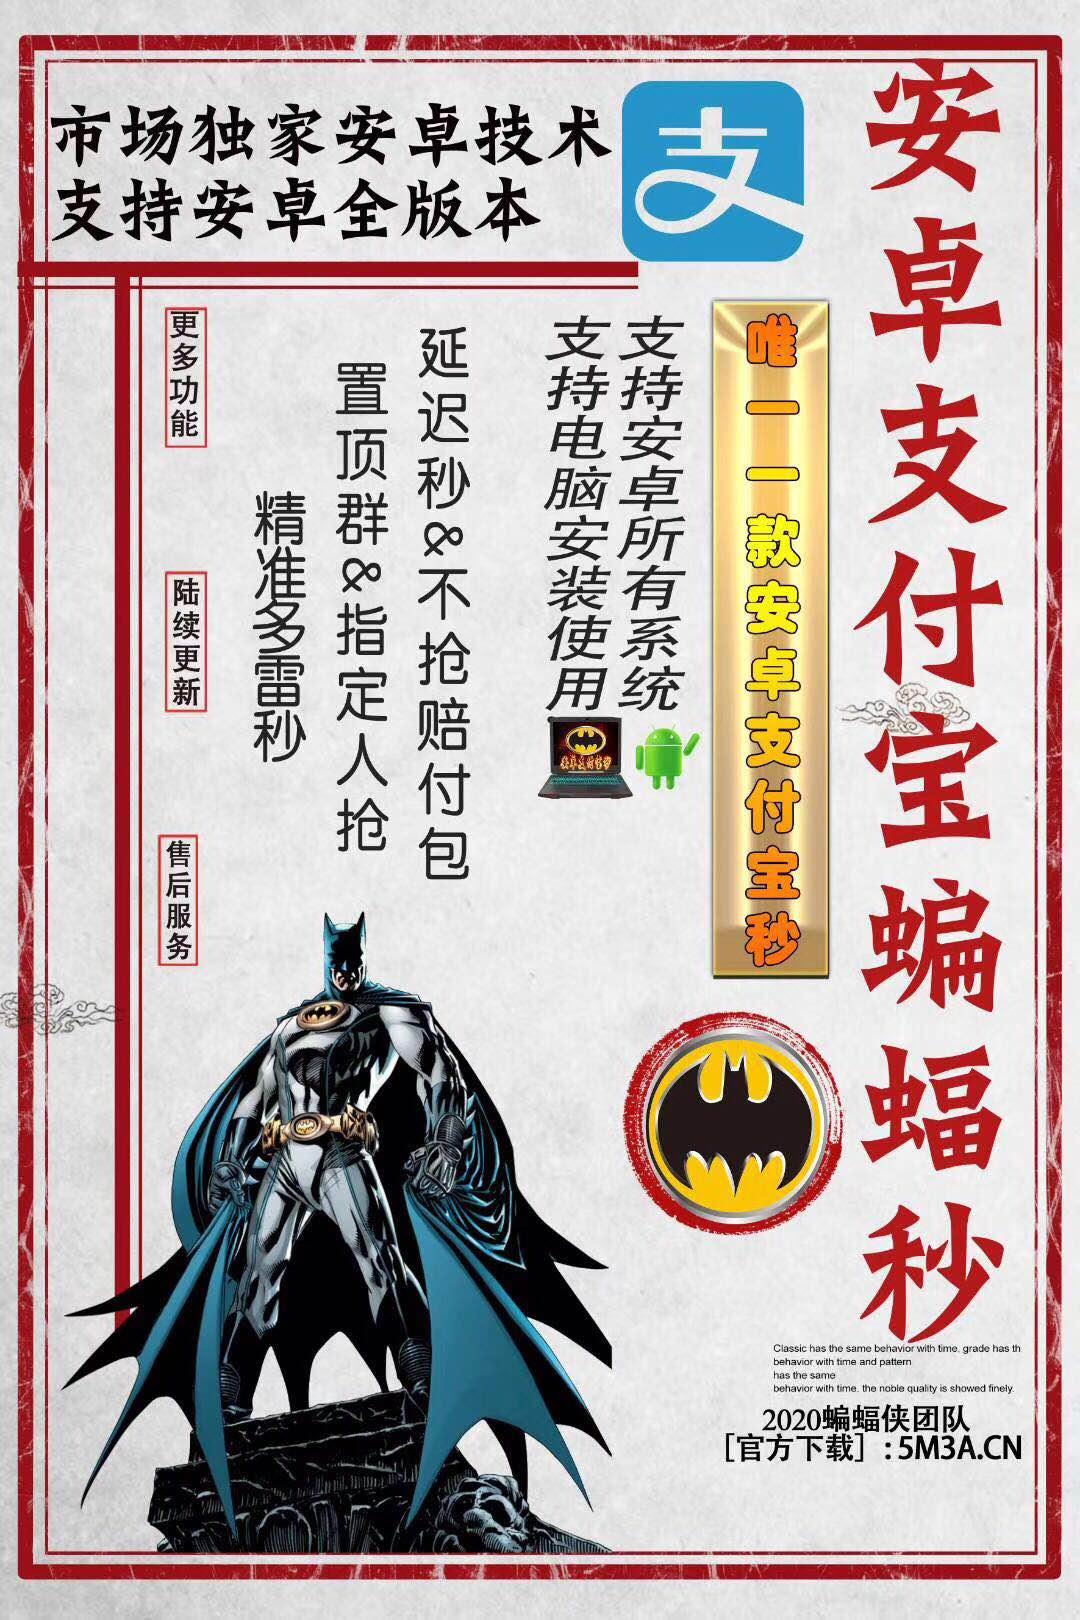 【安卓支付宝蝙蝠秒周卡】安卓版